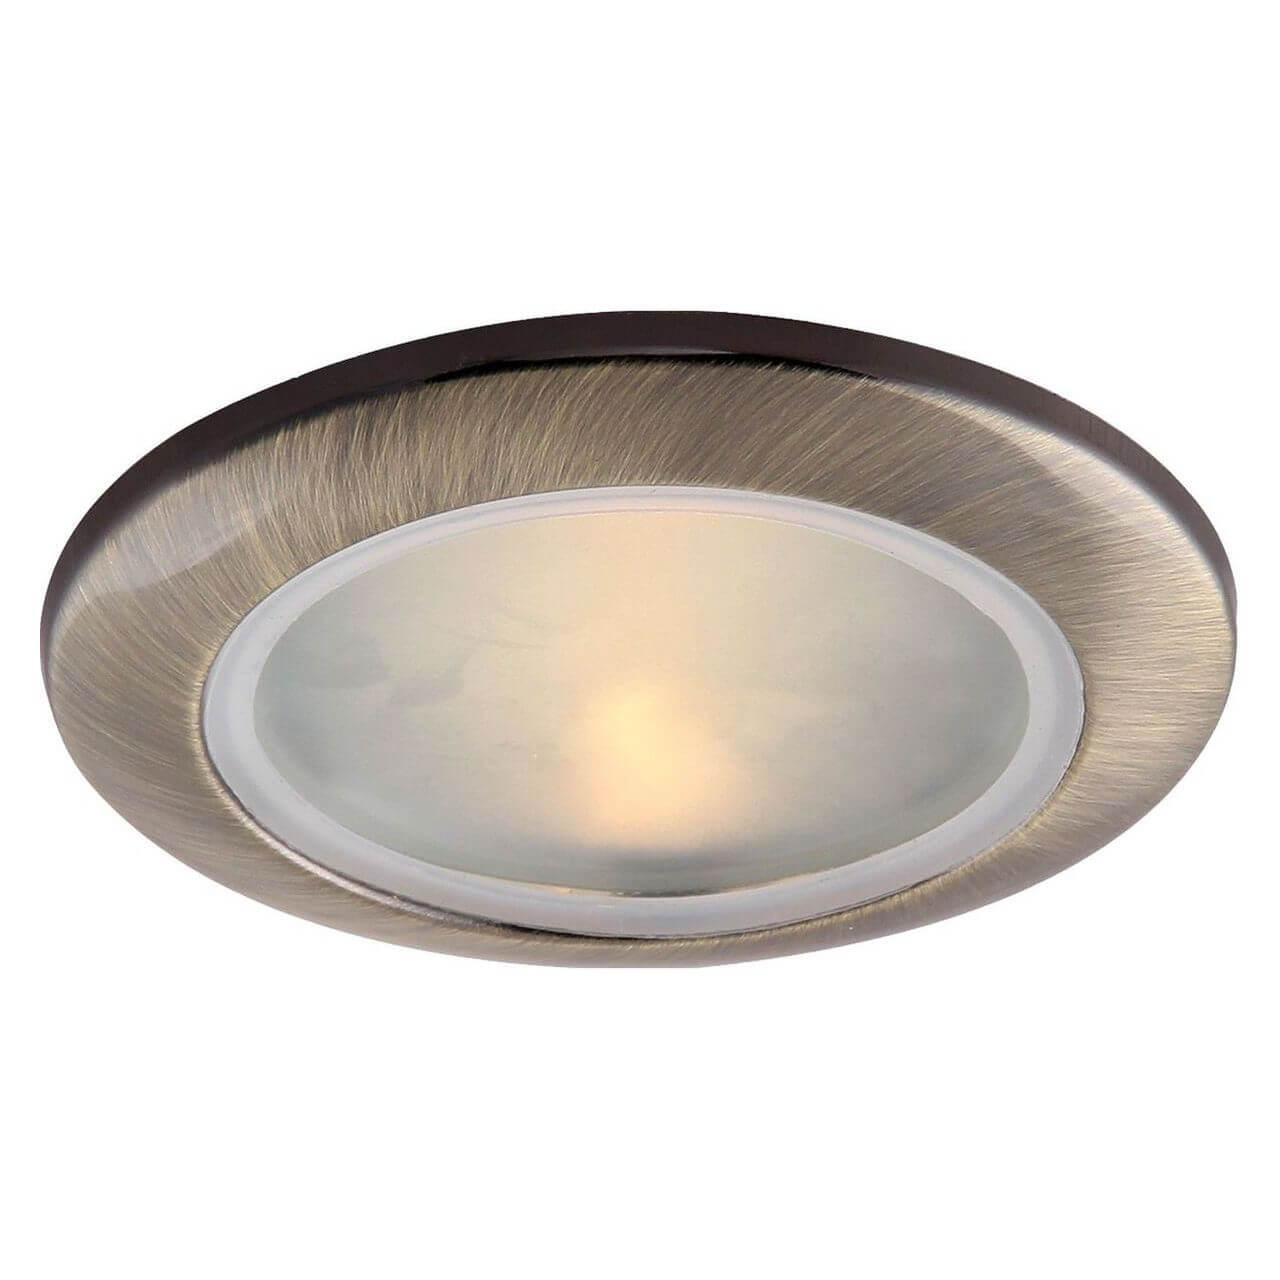 Встраиваемый светильник Arte Lamp A2024PL-1AB, GU10, 50 Вт arte lamp встраиваемый светильник aqua a2024pl 1wh